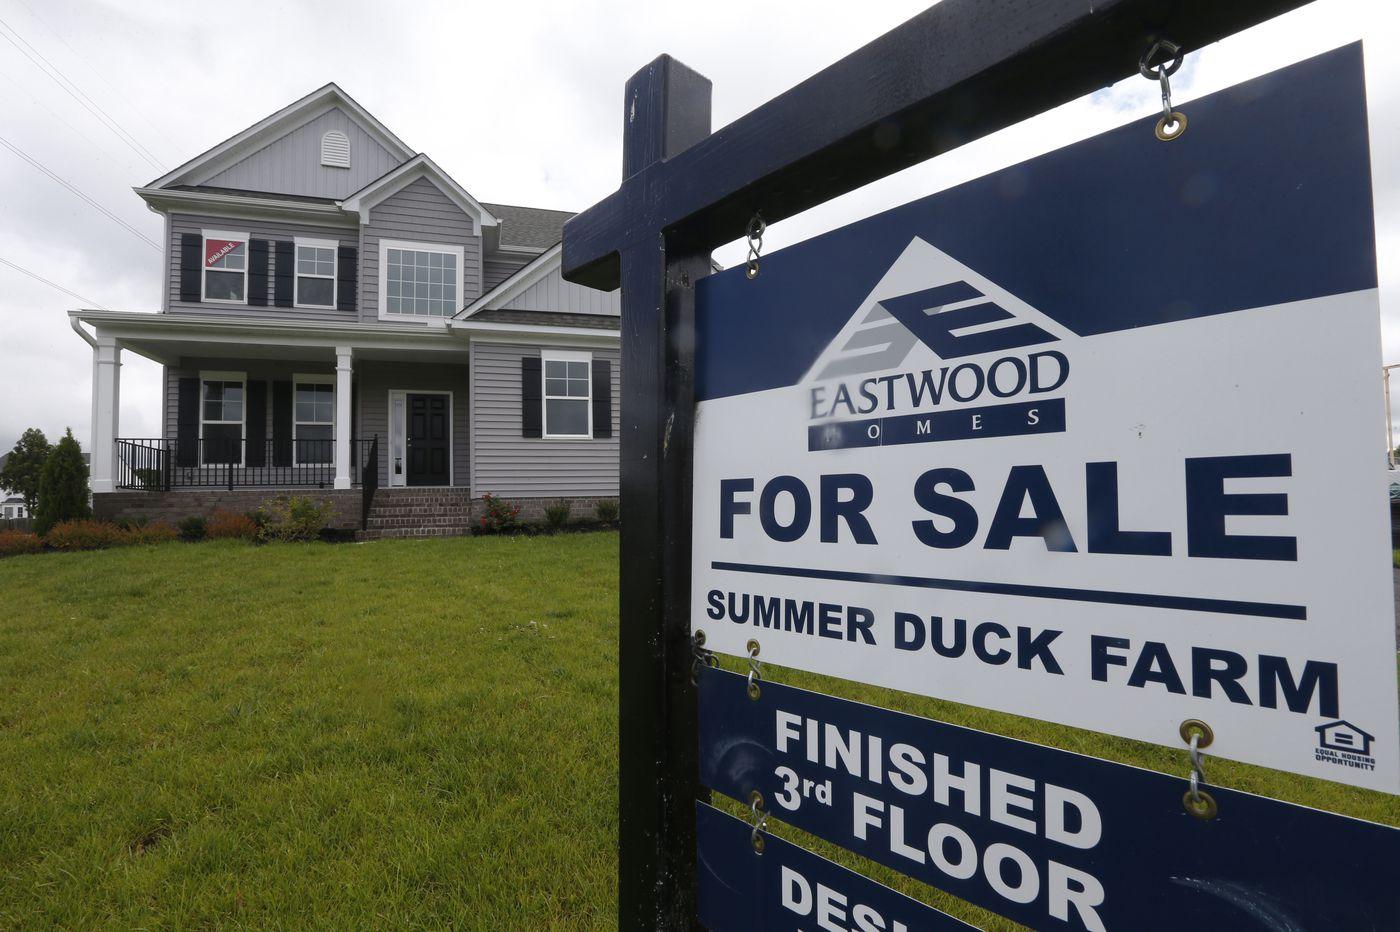 U.S. mortgage rates climb this week; 30-year loan at 3.65%